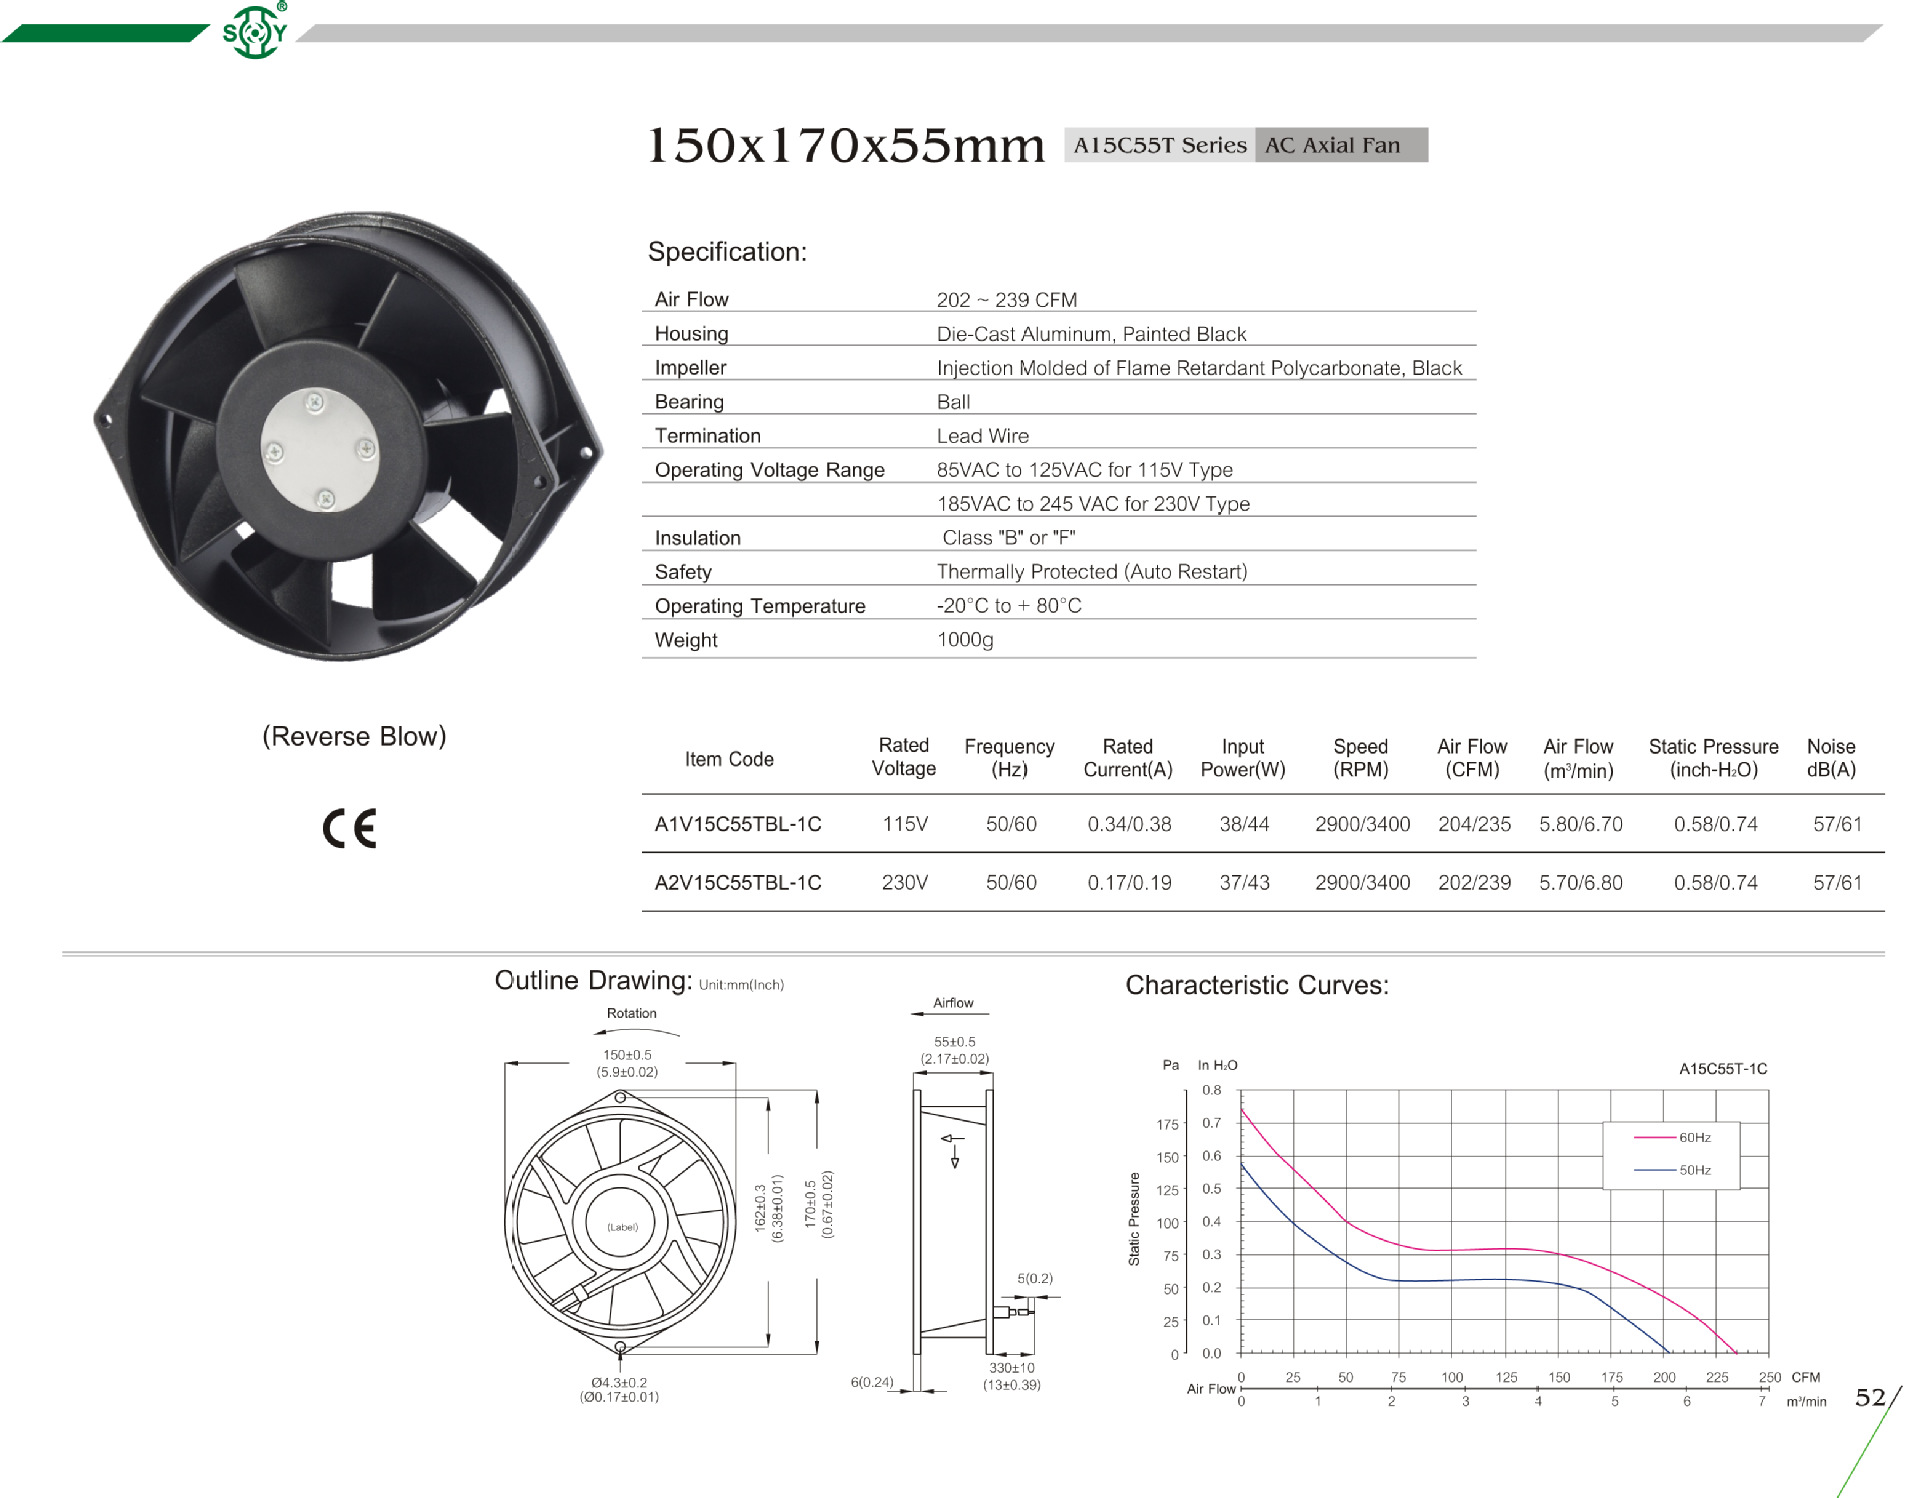 Small Heat Resistant Ventilation Industrial Welding Fan